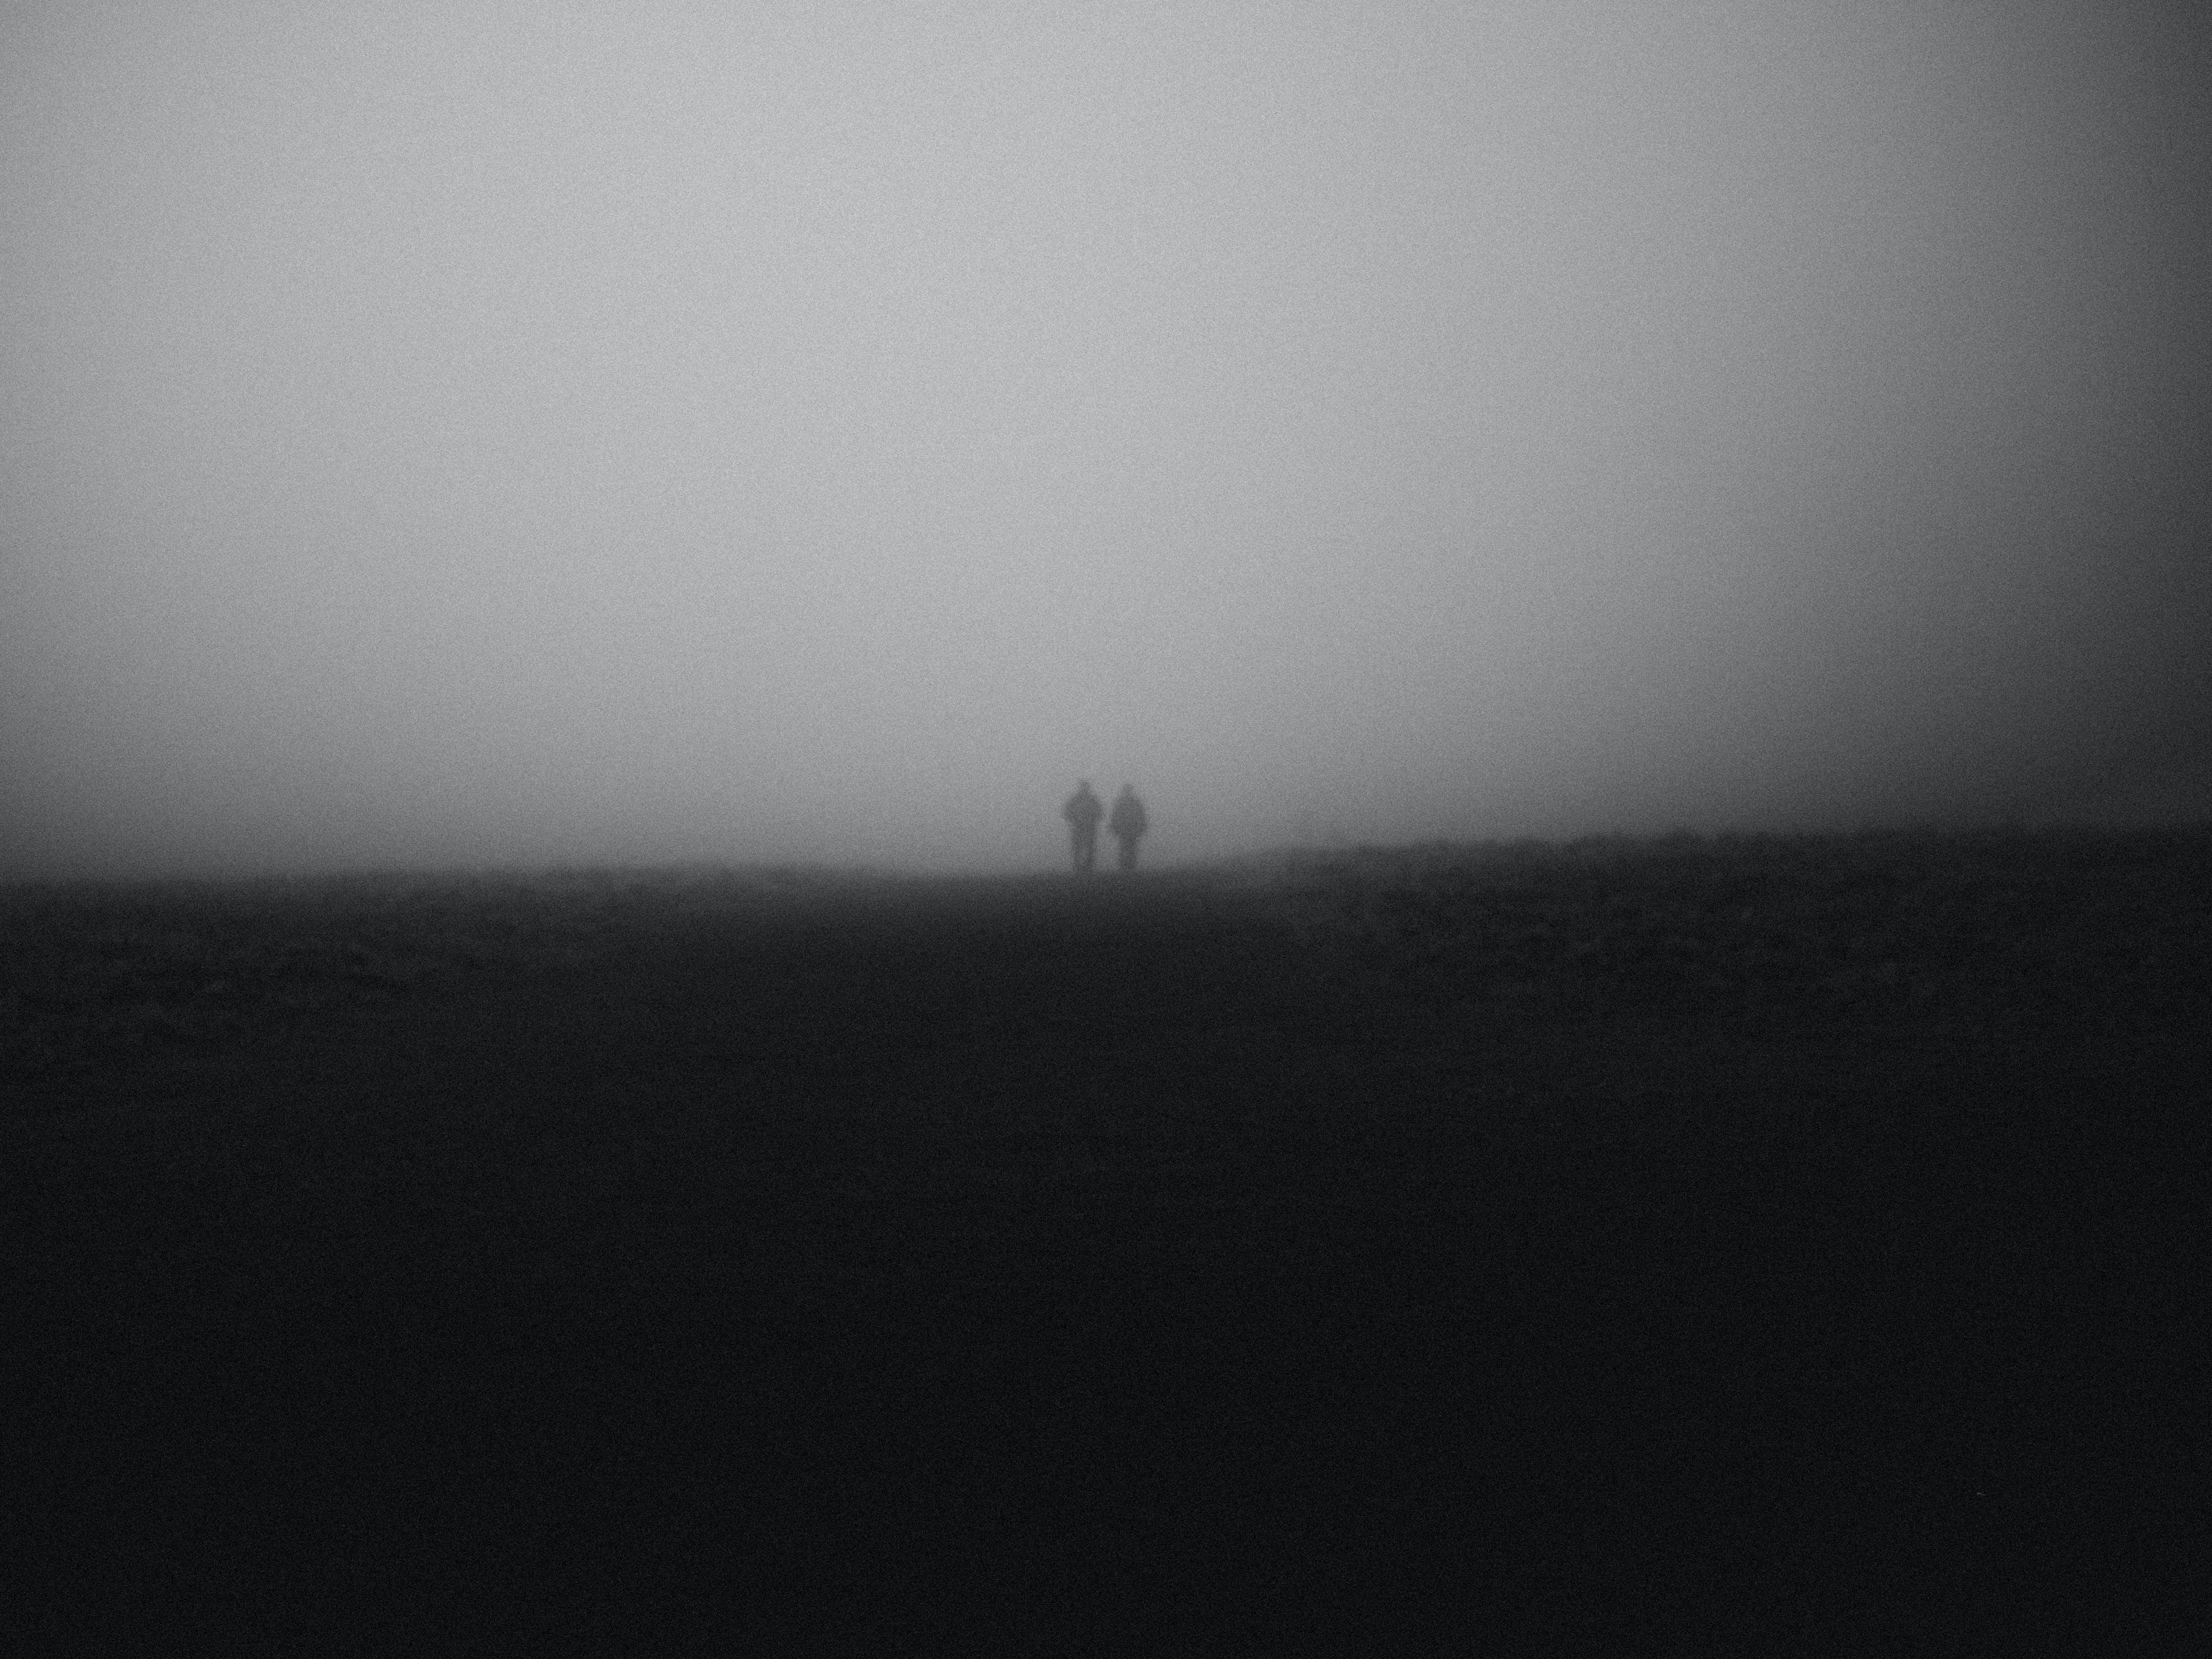 Darmowe zdjęcie z galerii z chodzenie, czarno-biały, ludzie, mglisty